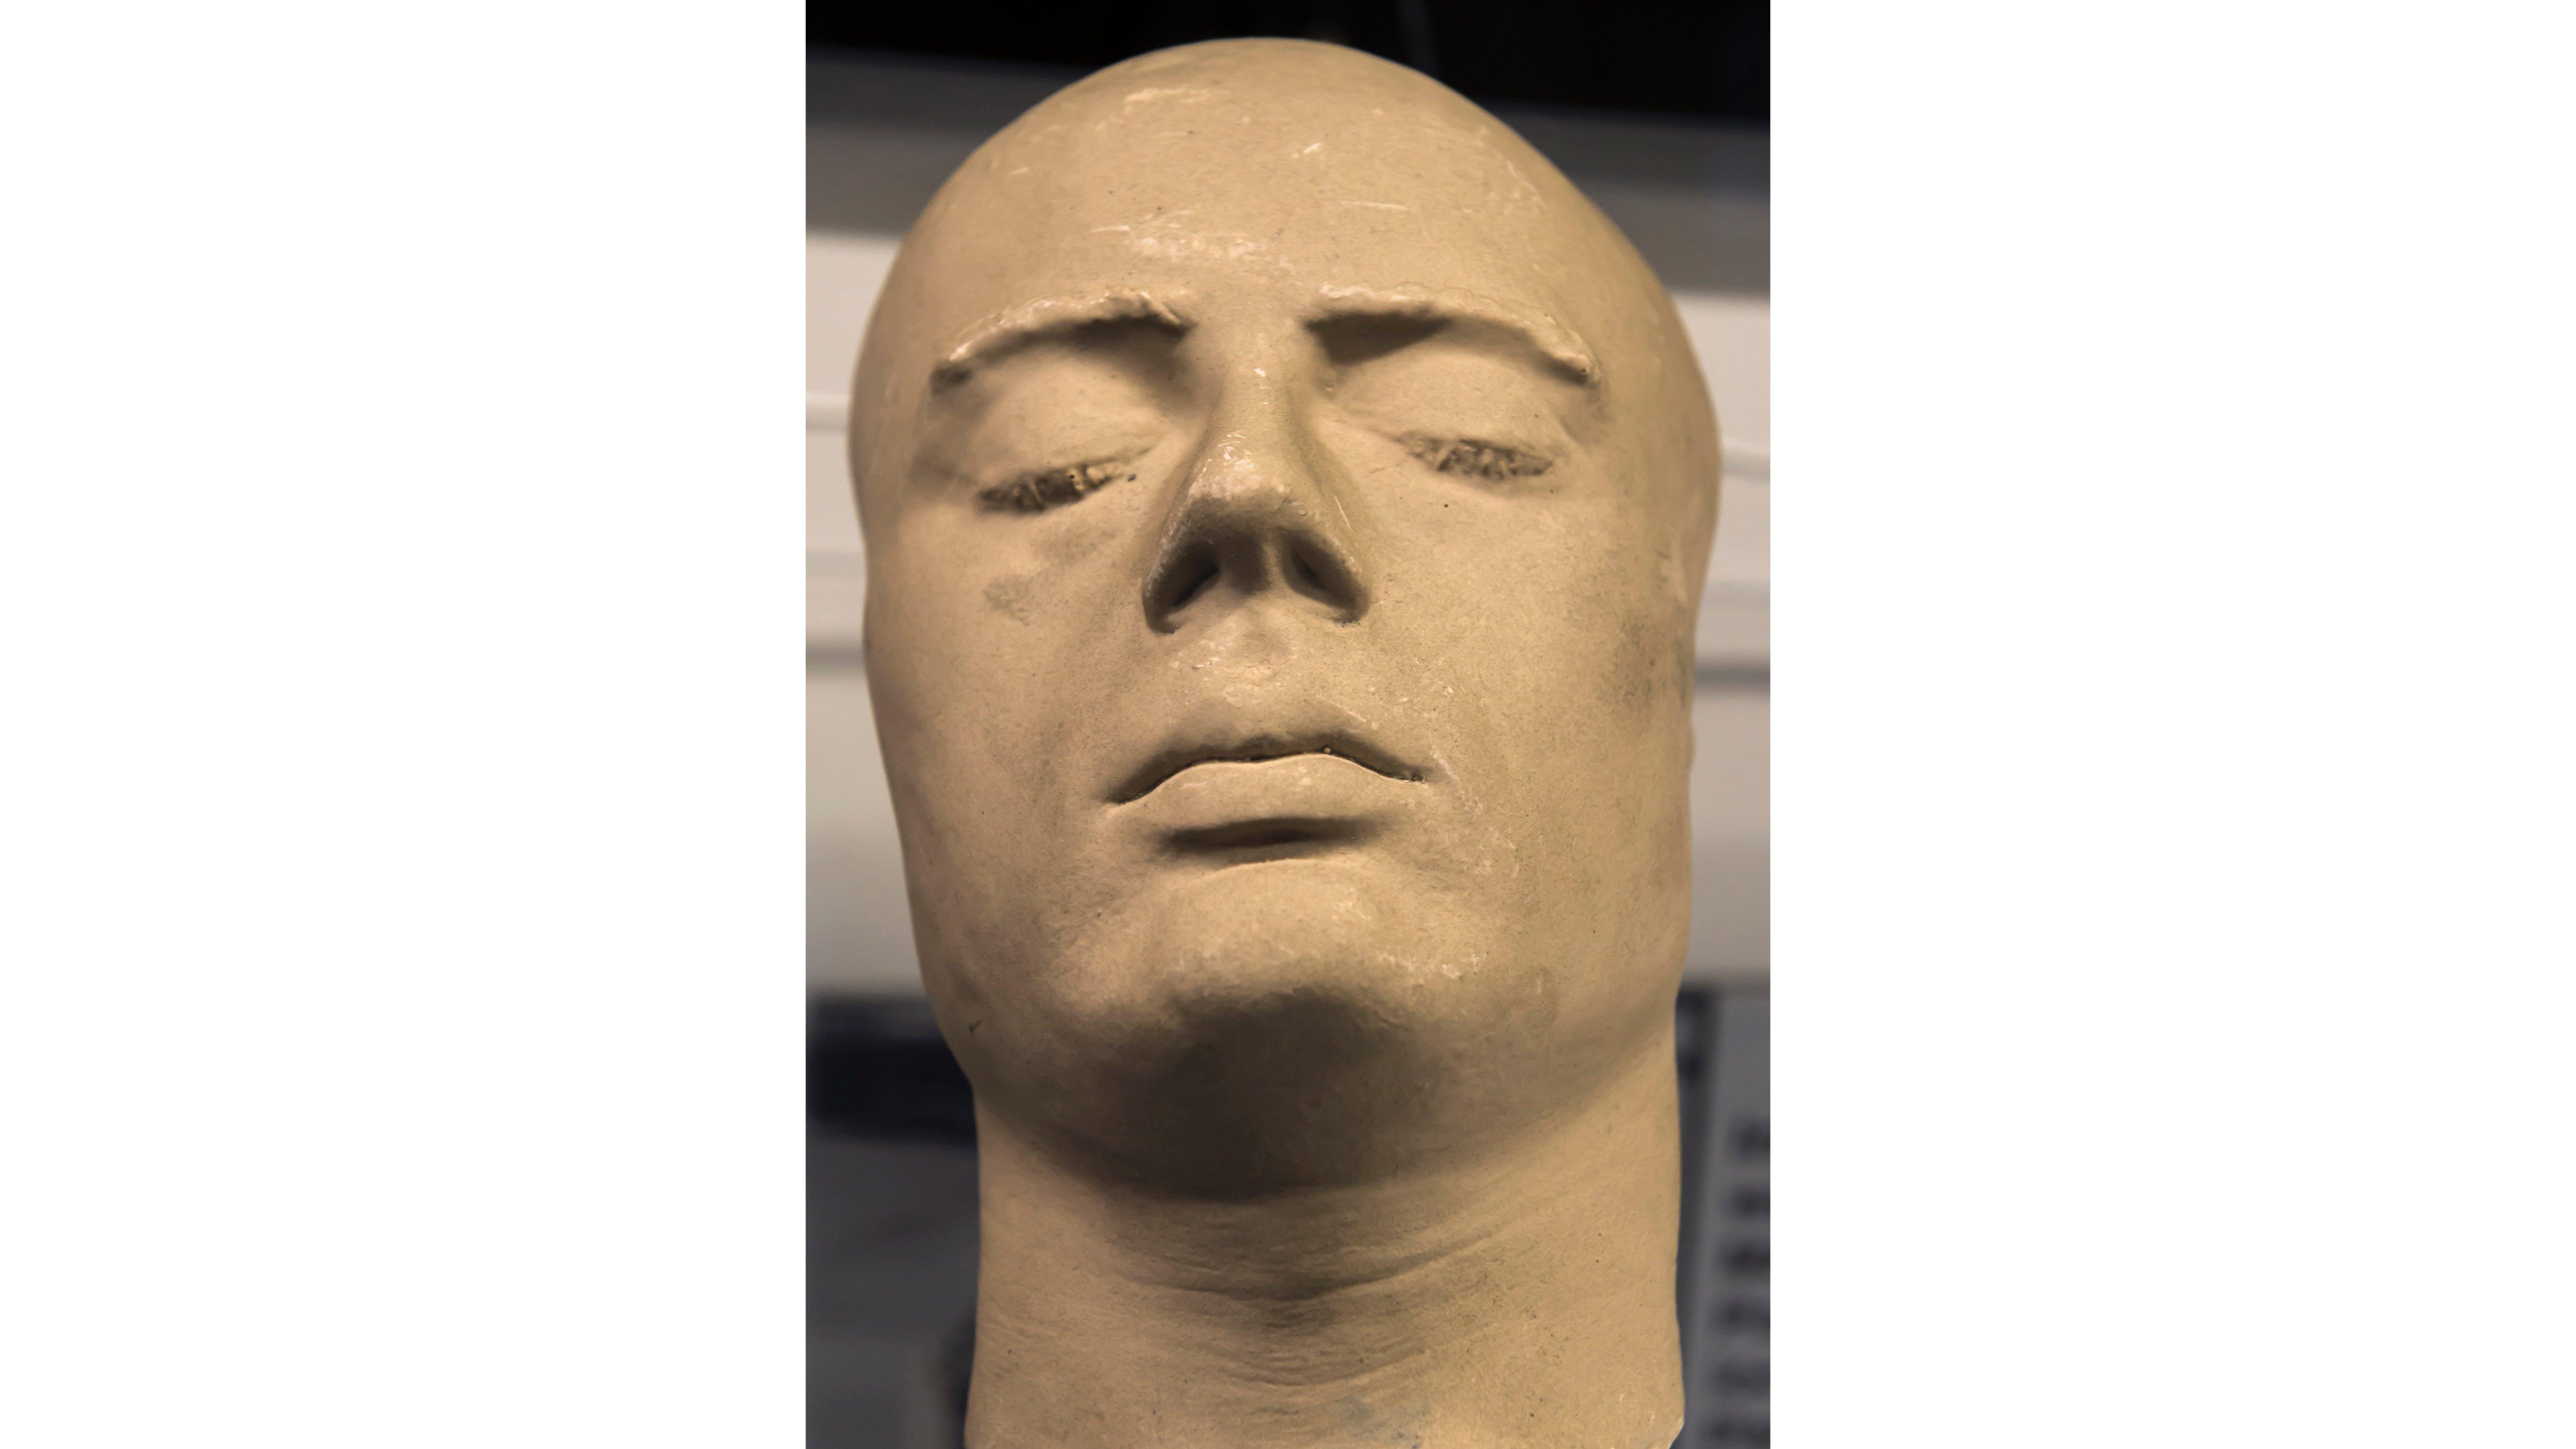 The curious art of death masks - CNN Style